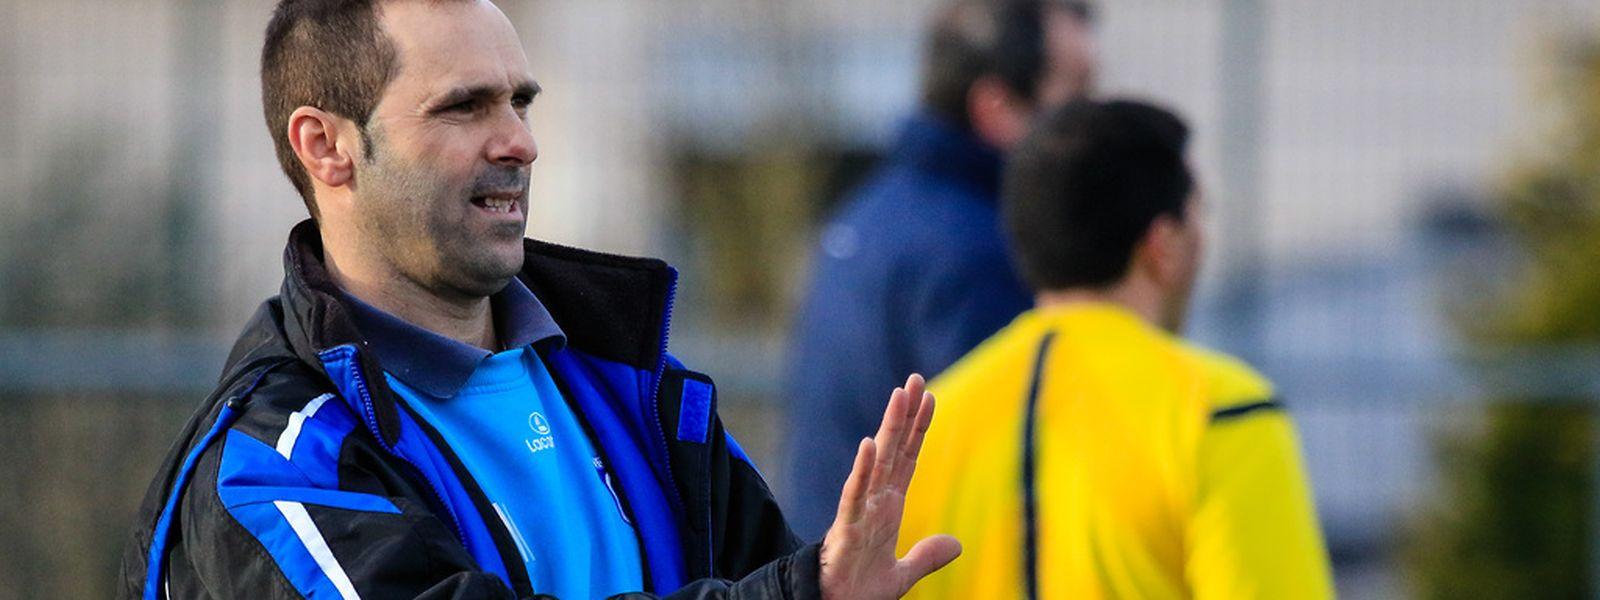 Gabriel Martins retient que son équipe progresse avec une ligne d'attaque d'adolescents